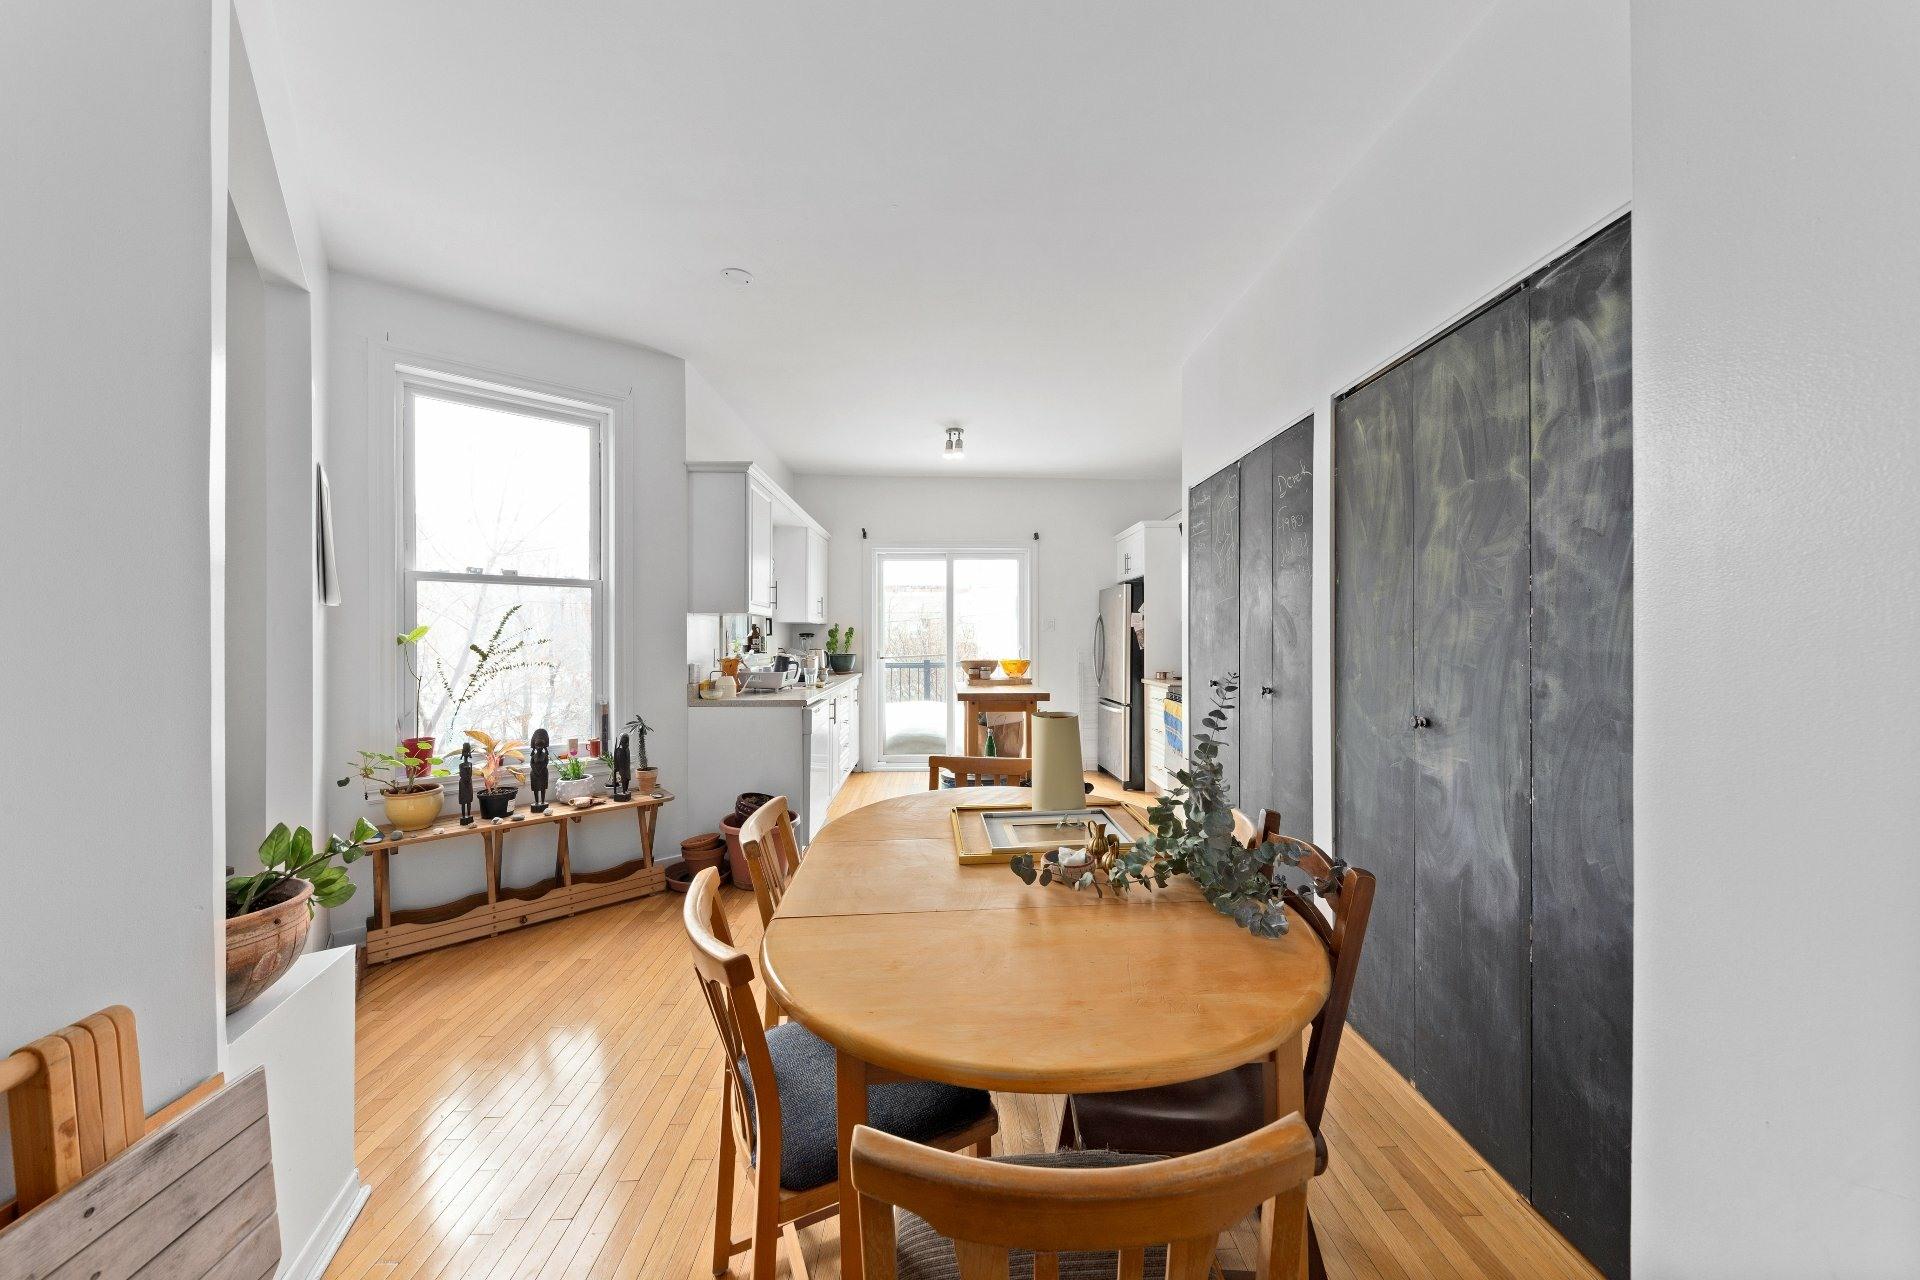 image 30 - Duplex For sale Le Plateau-Mont-Royal Montréal  - 5 rooms